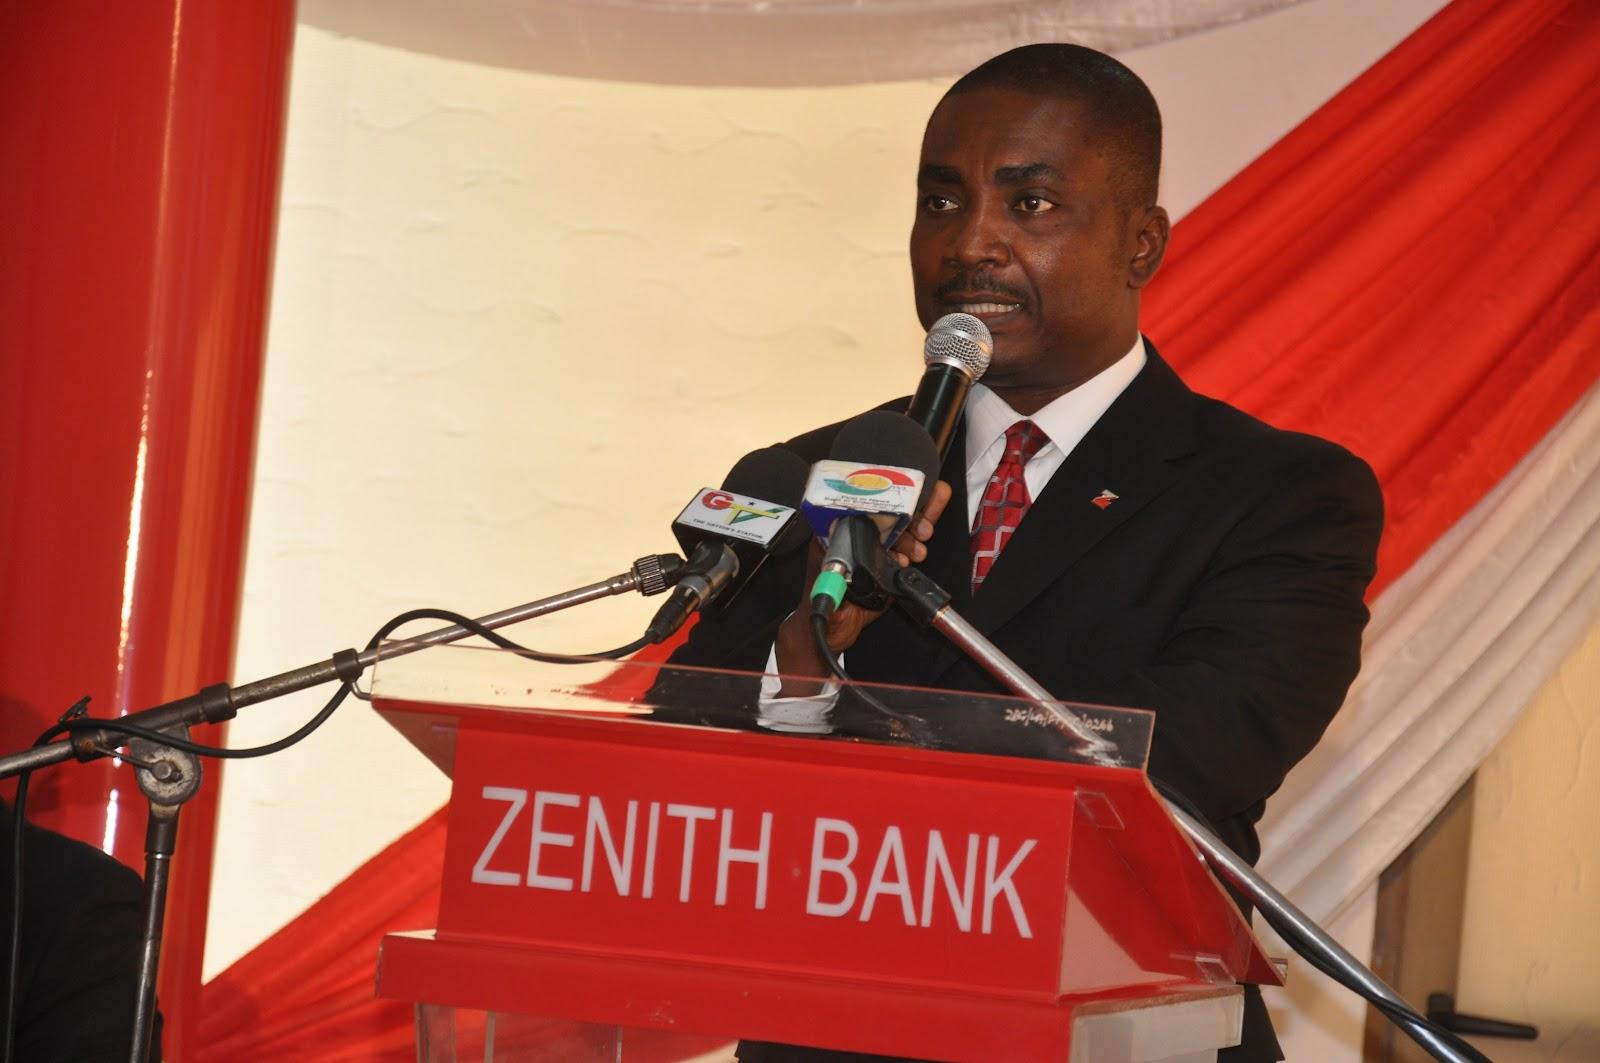 Zenith Bank In Ghana Africa 3